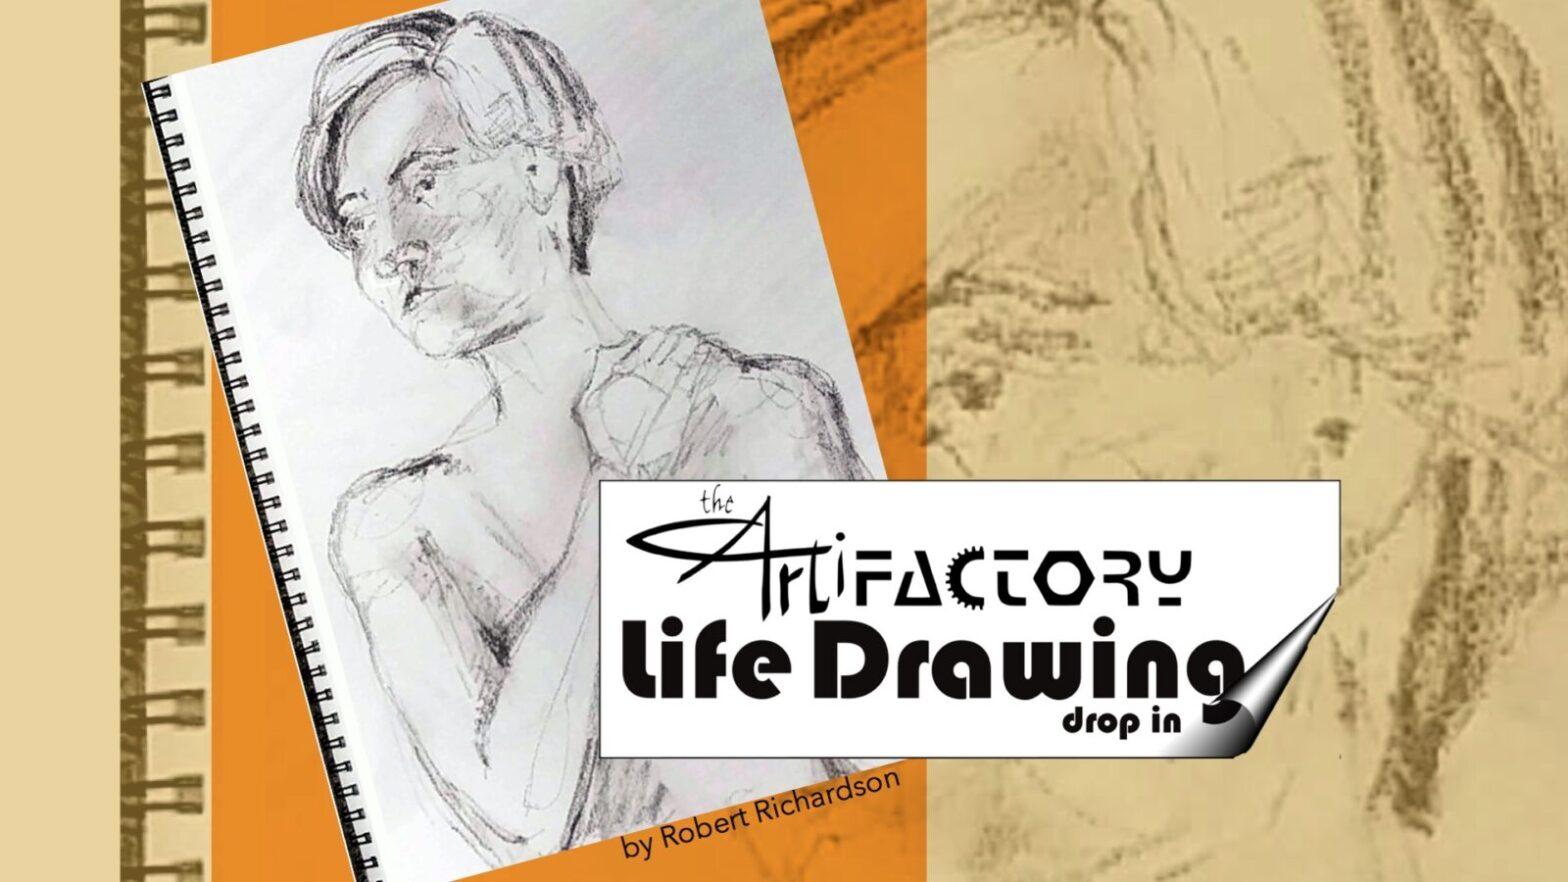 Upcoming Life Drawing